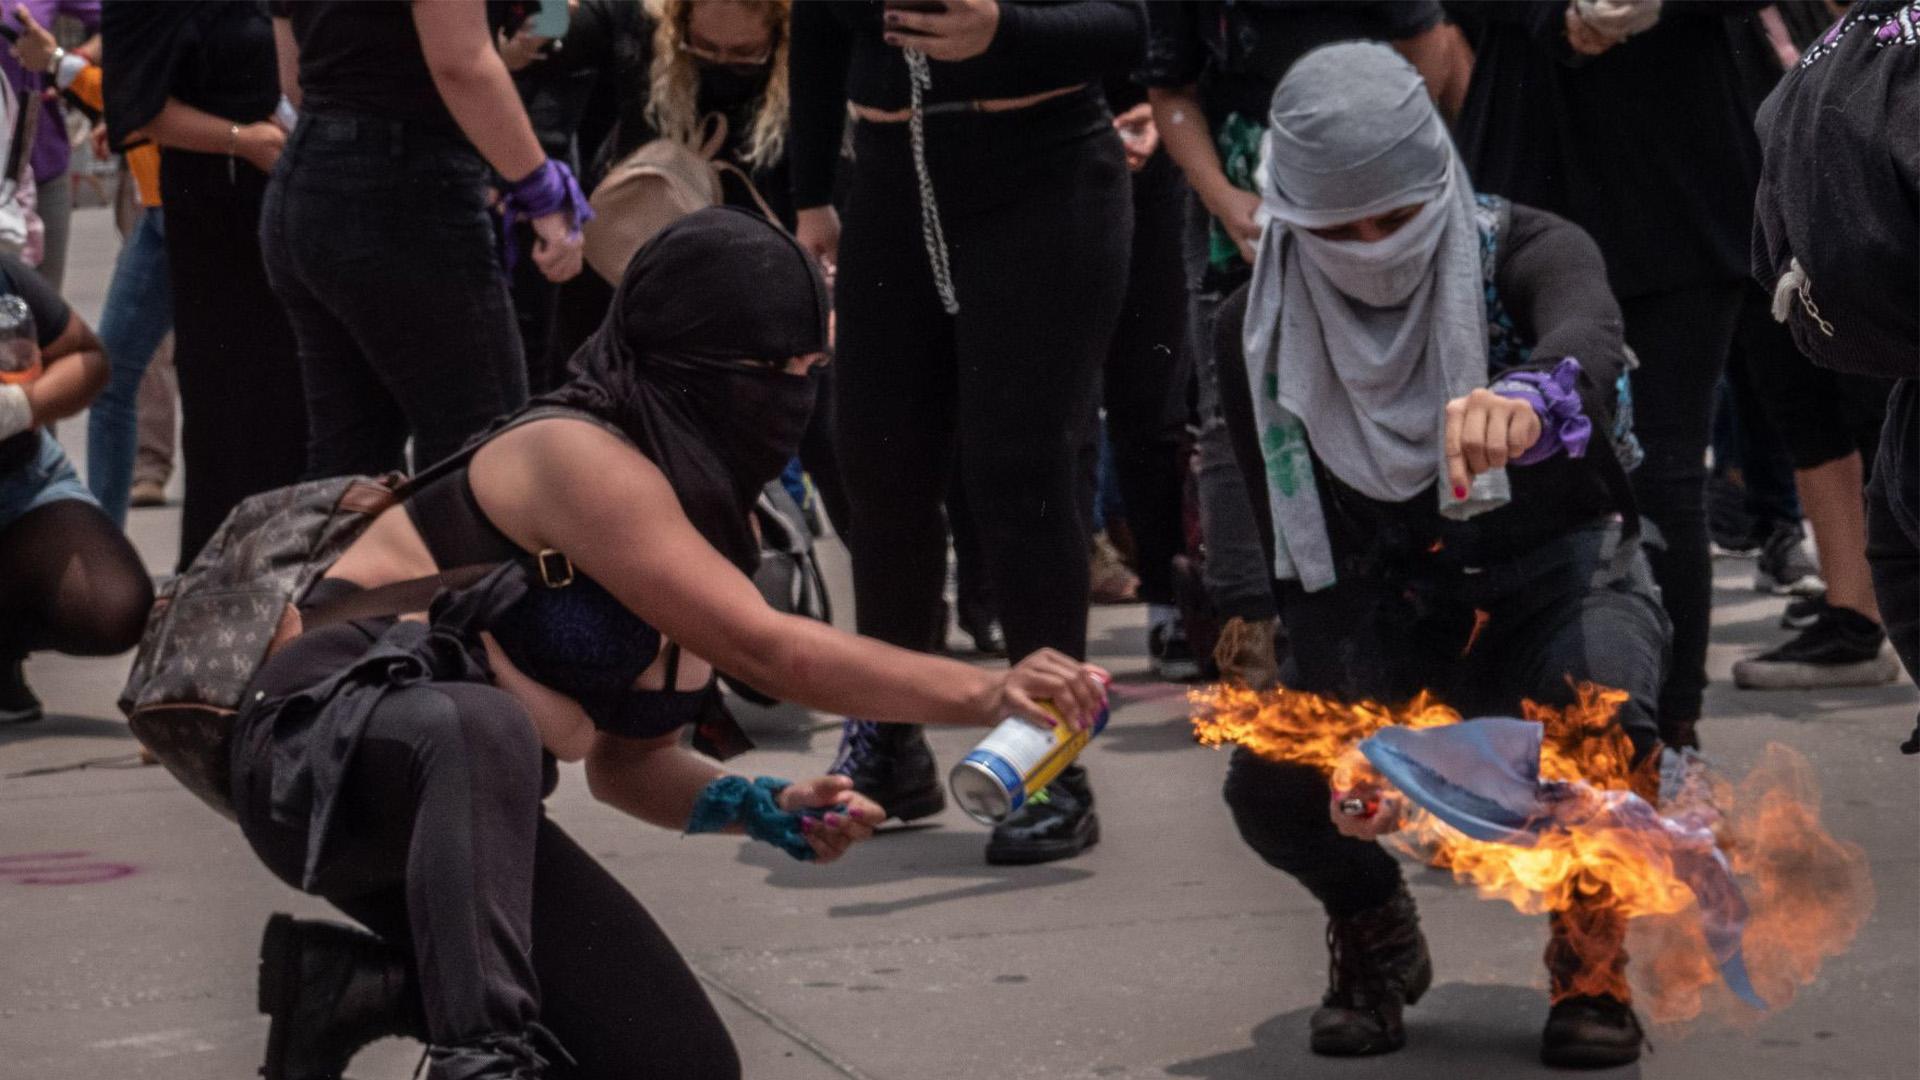 Manifestantes quemaron banderas y pañuelos de asociaciones pro vida que están en contra del aborto (Foto: Cuartoscuro)